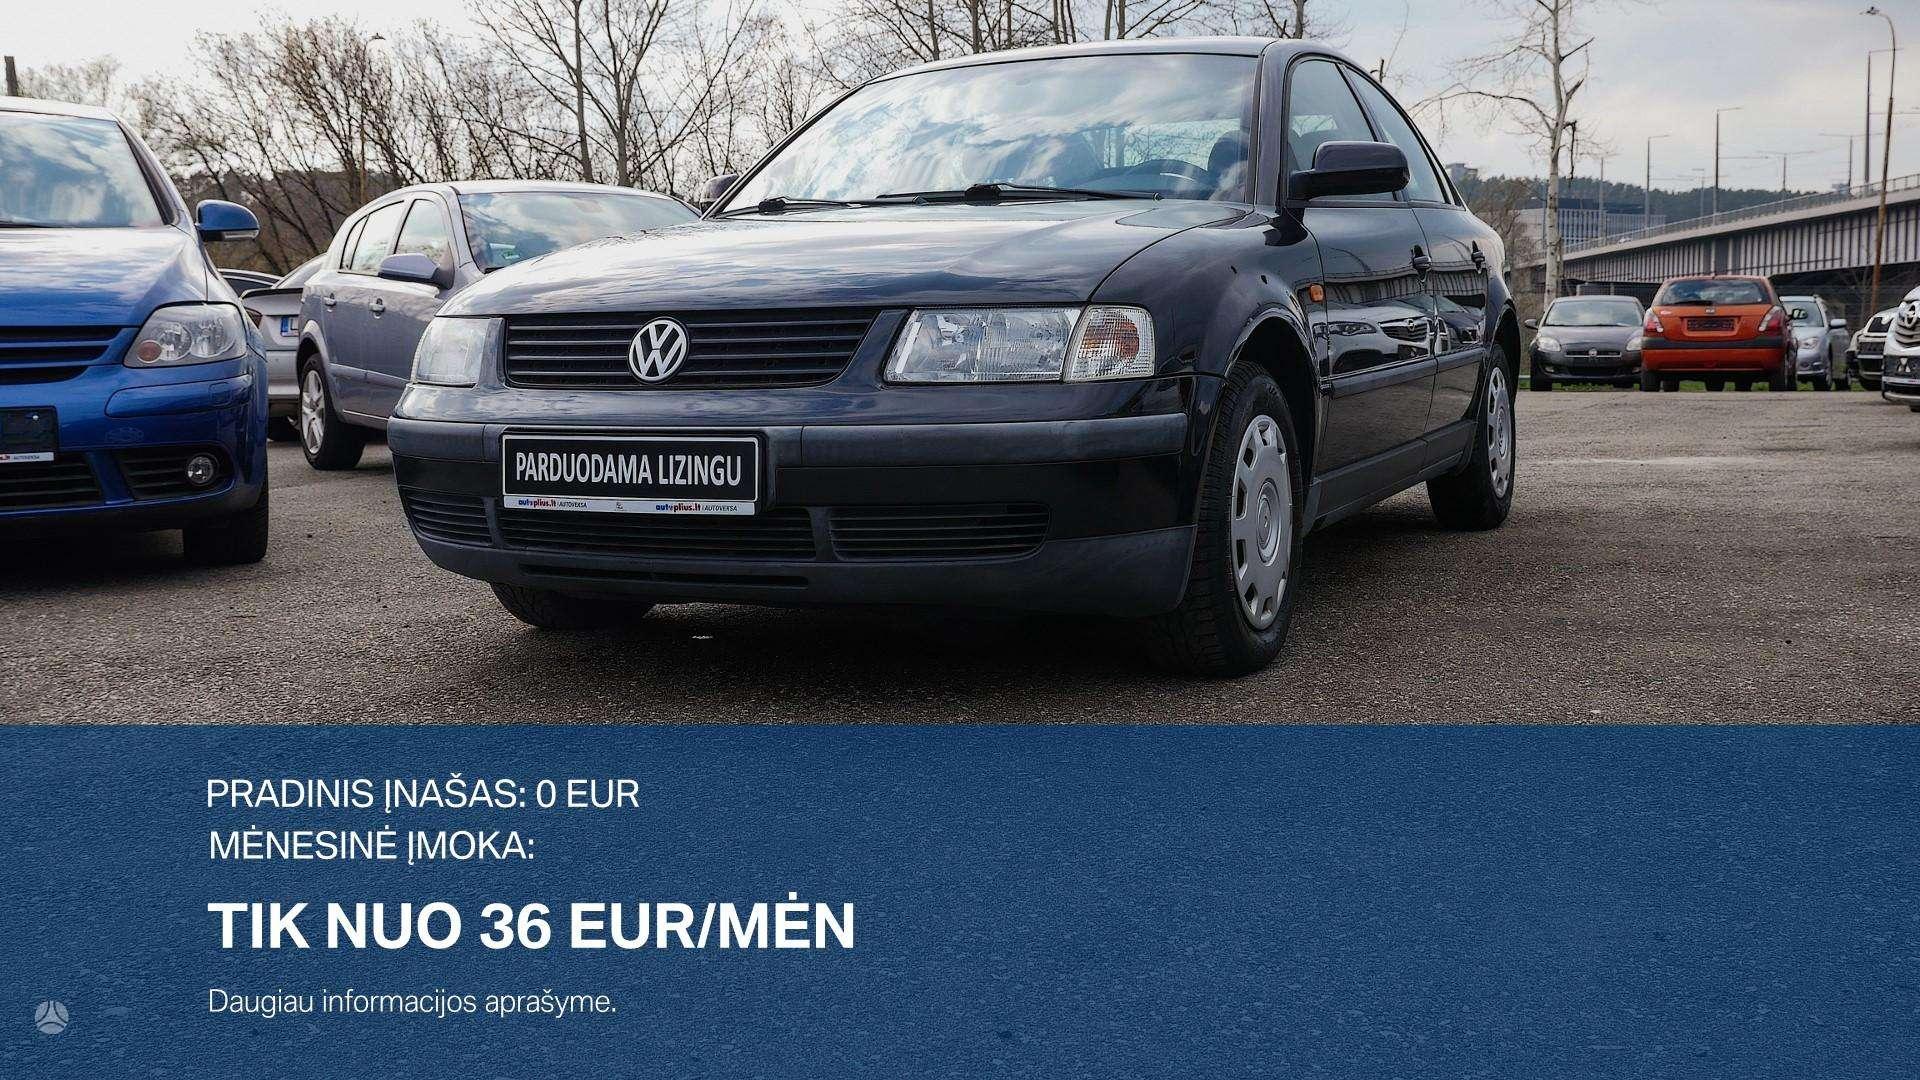 Volkswagen Passat išsimokėtinai nuo 36Eur/Mėn su 3 mėnesių garantija